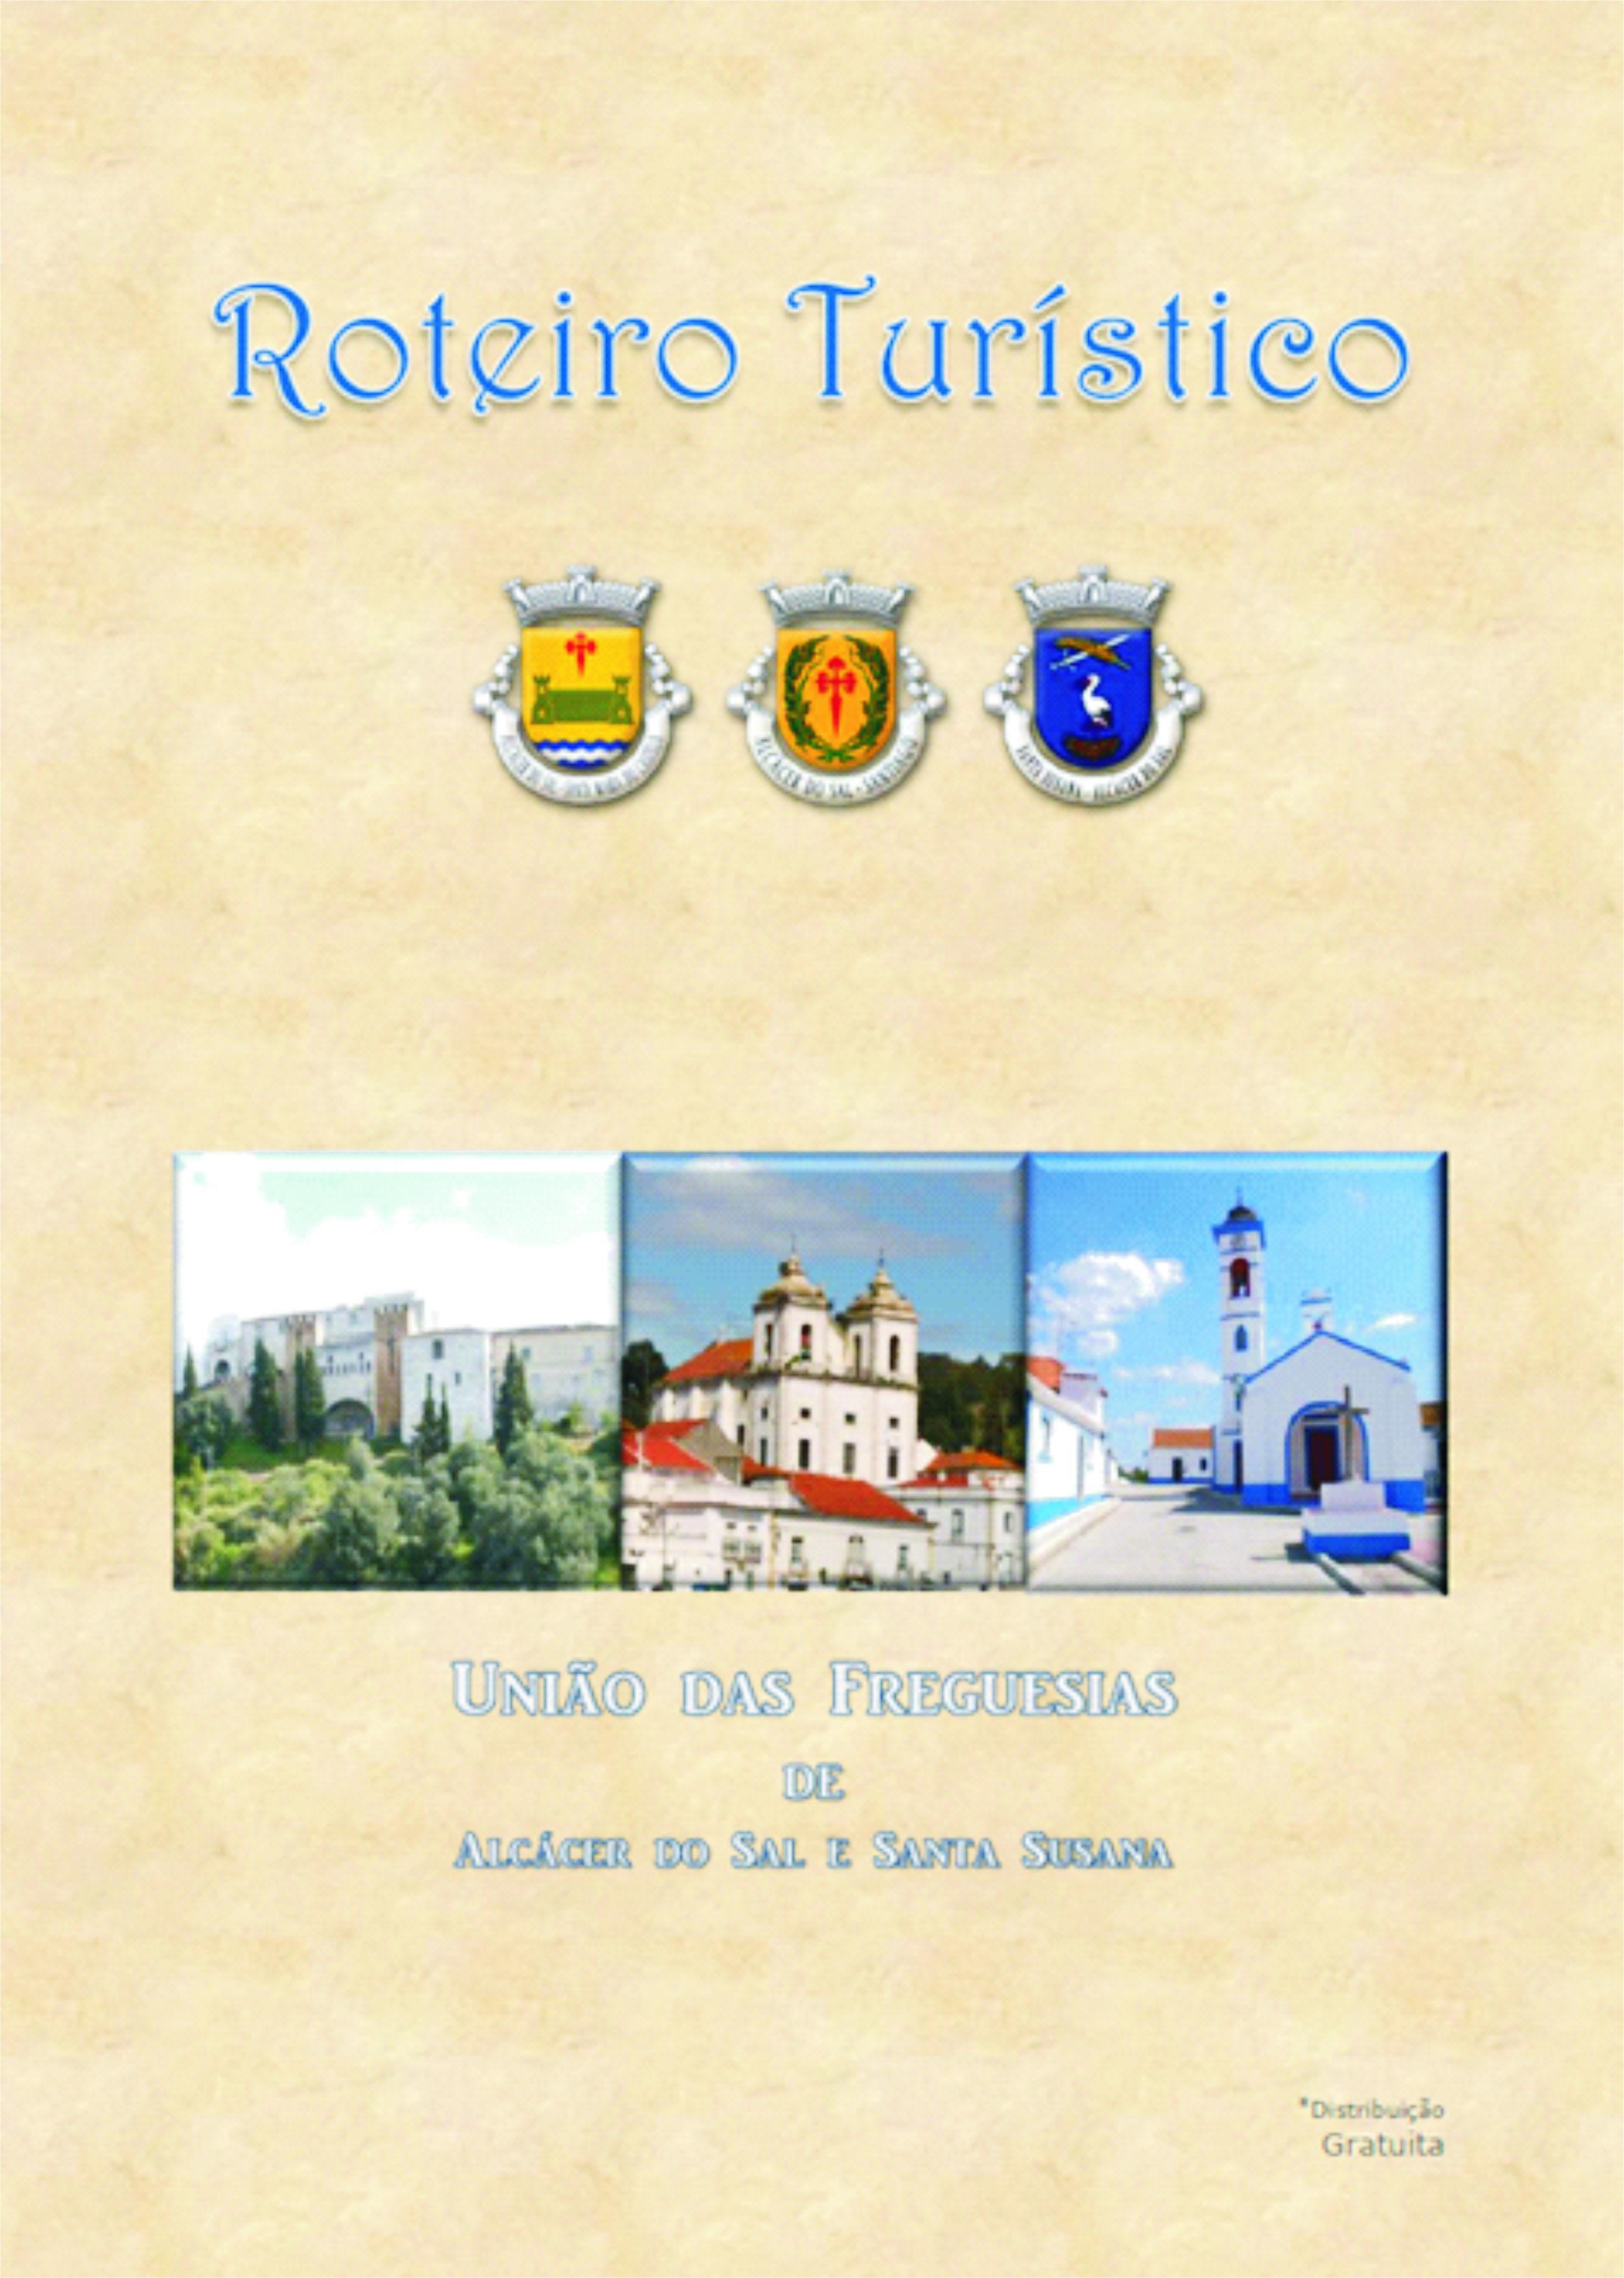 /Cms_Data/Contents/uf-alcacerdosal/Media/Patrim.-Turismo/Livro-Roteiro-Tur-stico-ordenado-atualizado.pdf